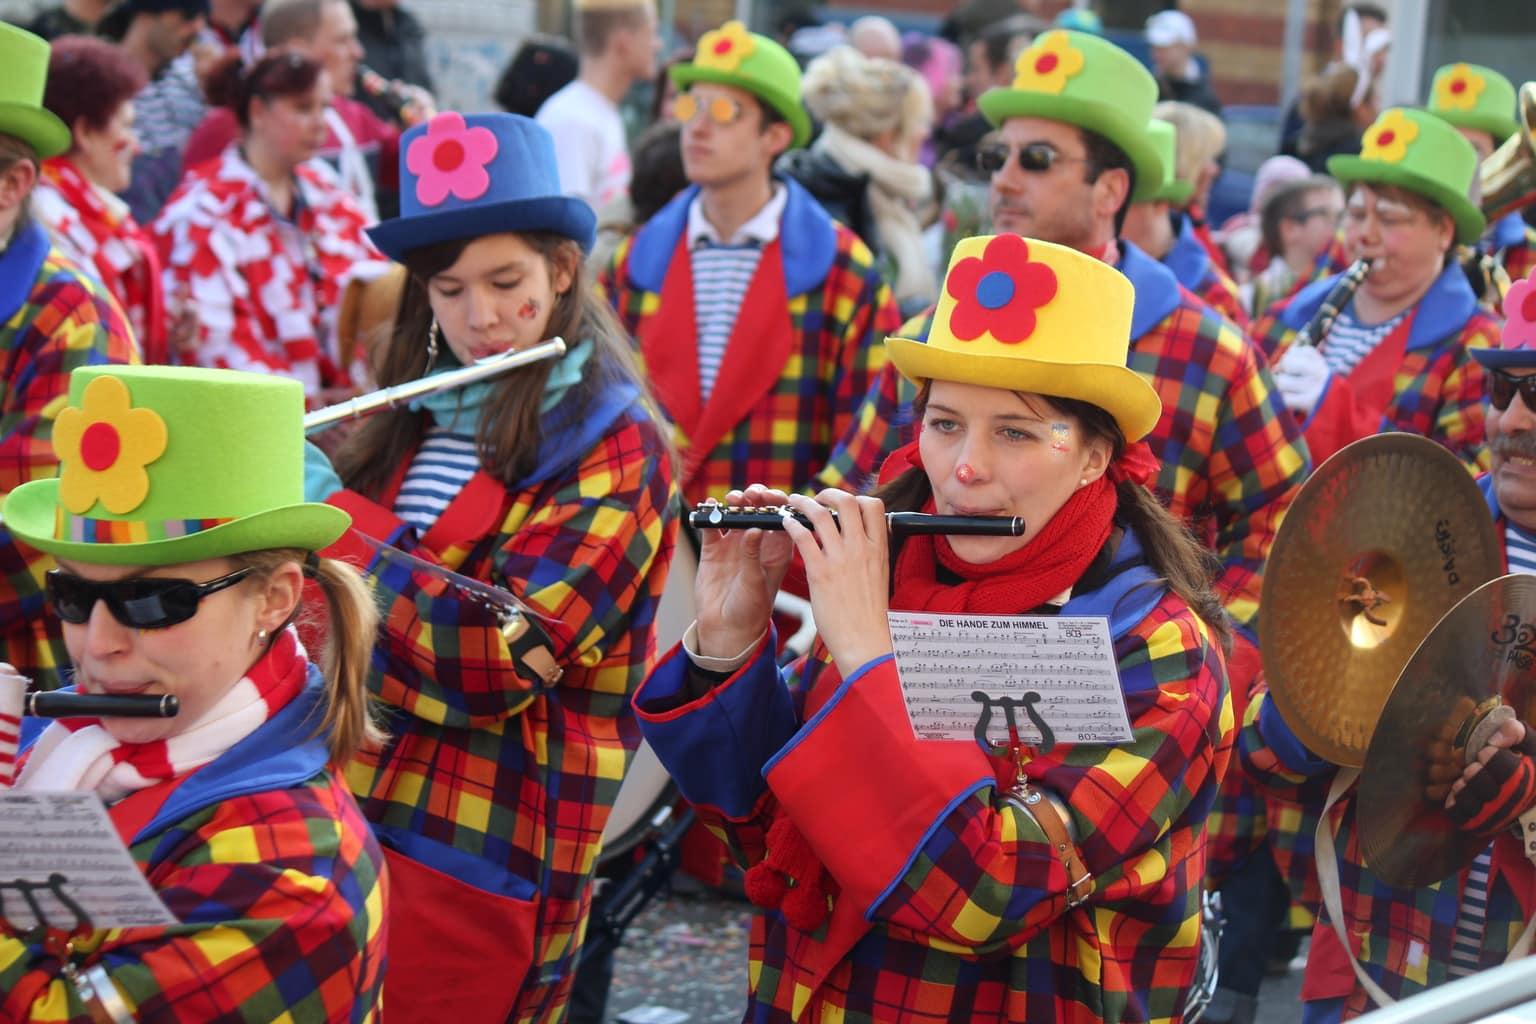 Muziek bij de optocht in Keulen